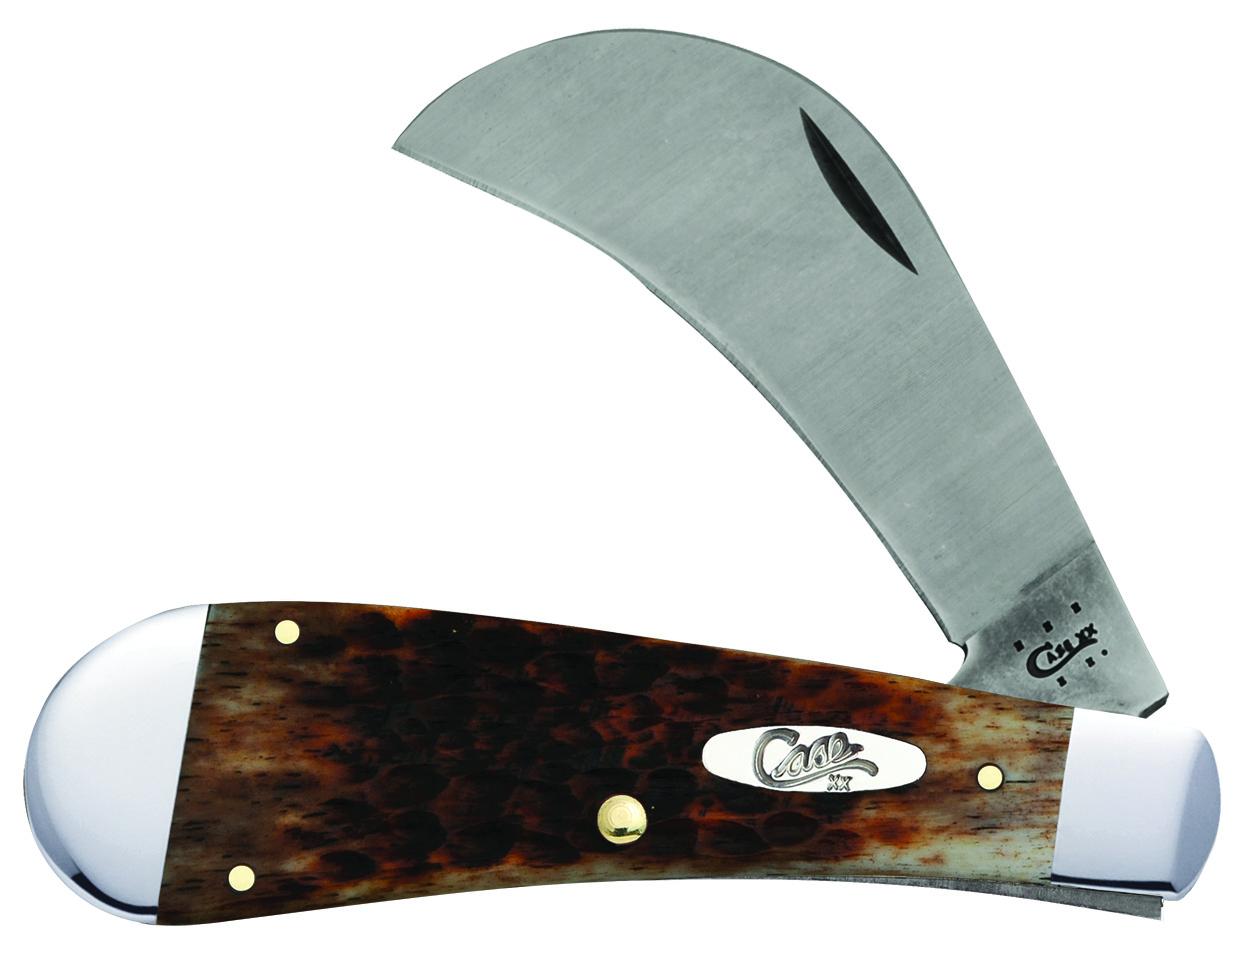 CASE XX KNIFE 41511 CARAMEL HAWKBILL PRUNER